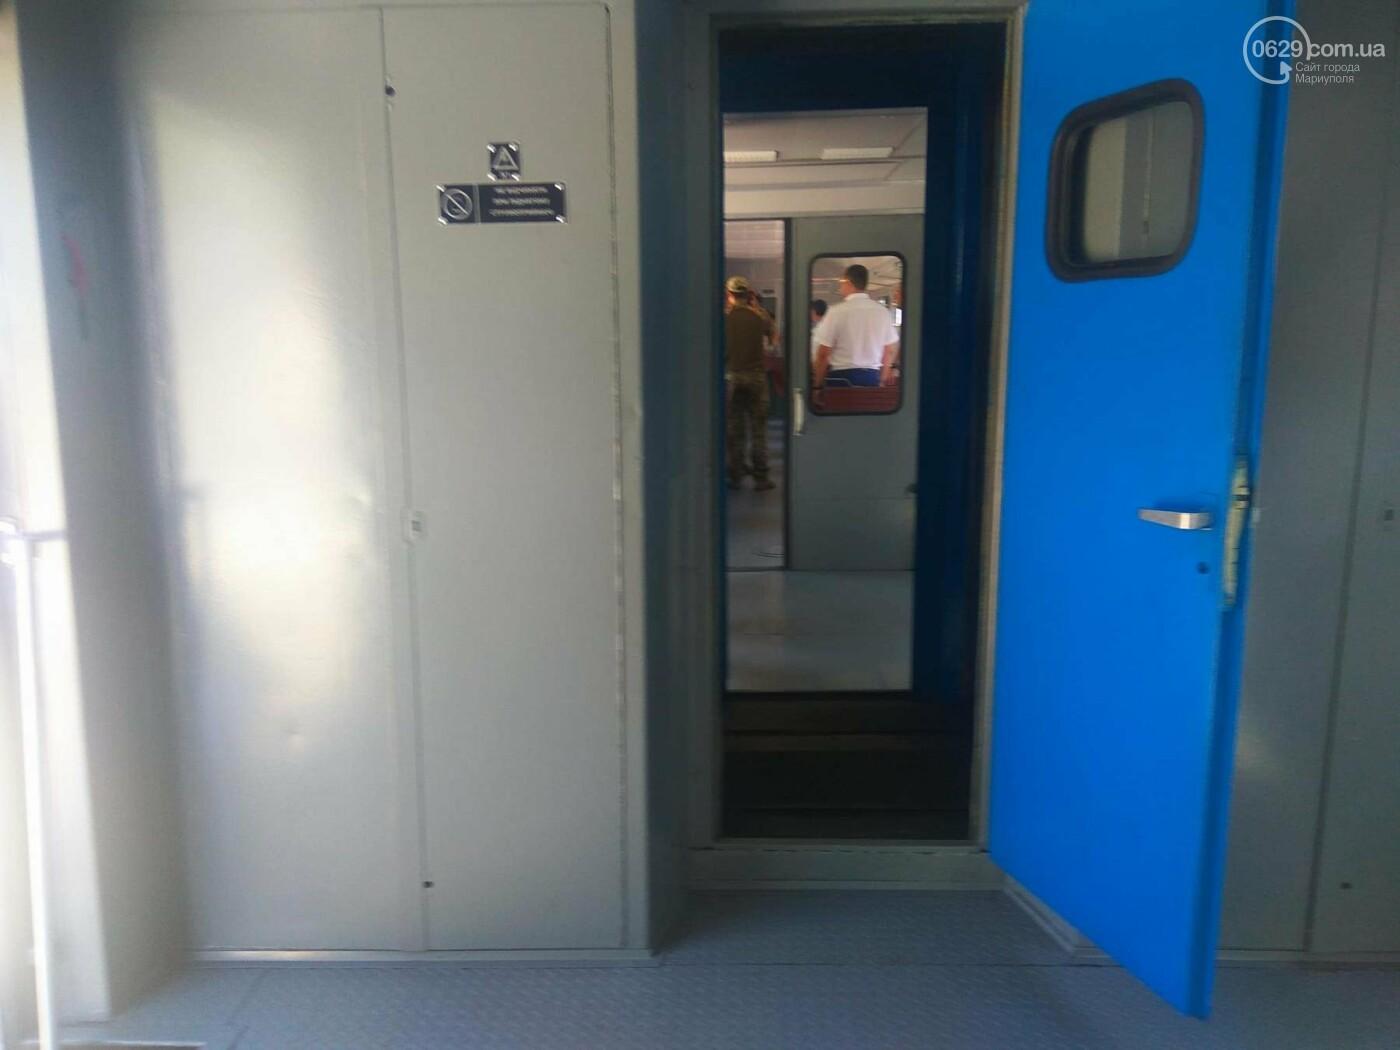 Из Мариуполя в Волноваху запустили пригородные электрички, - ФОТО, ВИДЕО, фото-2